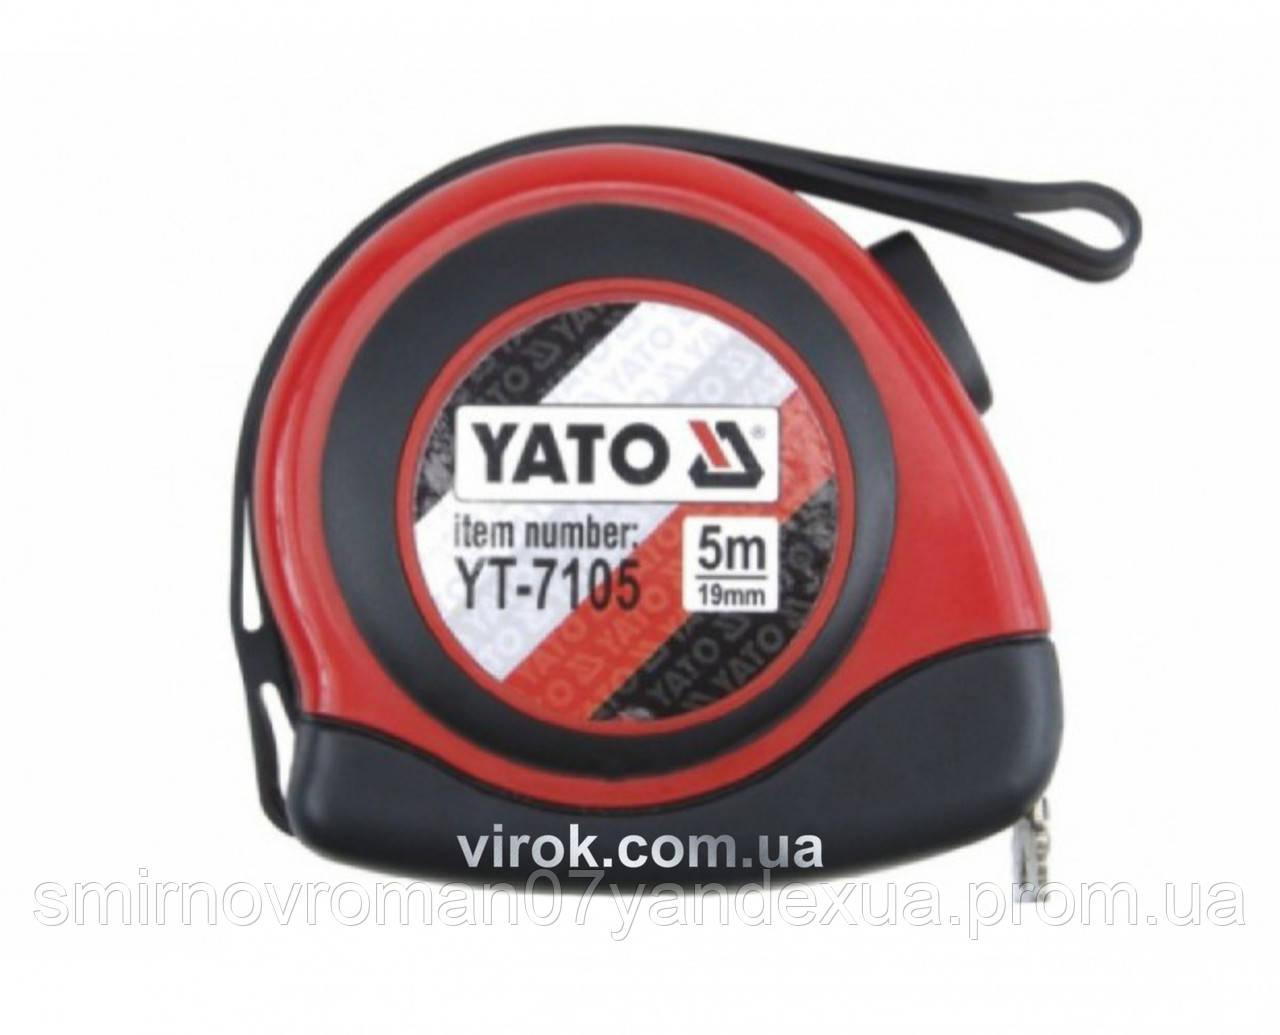 Рулетка с нейлоновым покрытием и магнитным крючком YATO 5 м х 19 мм